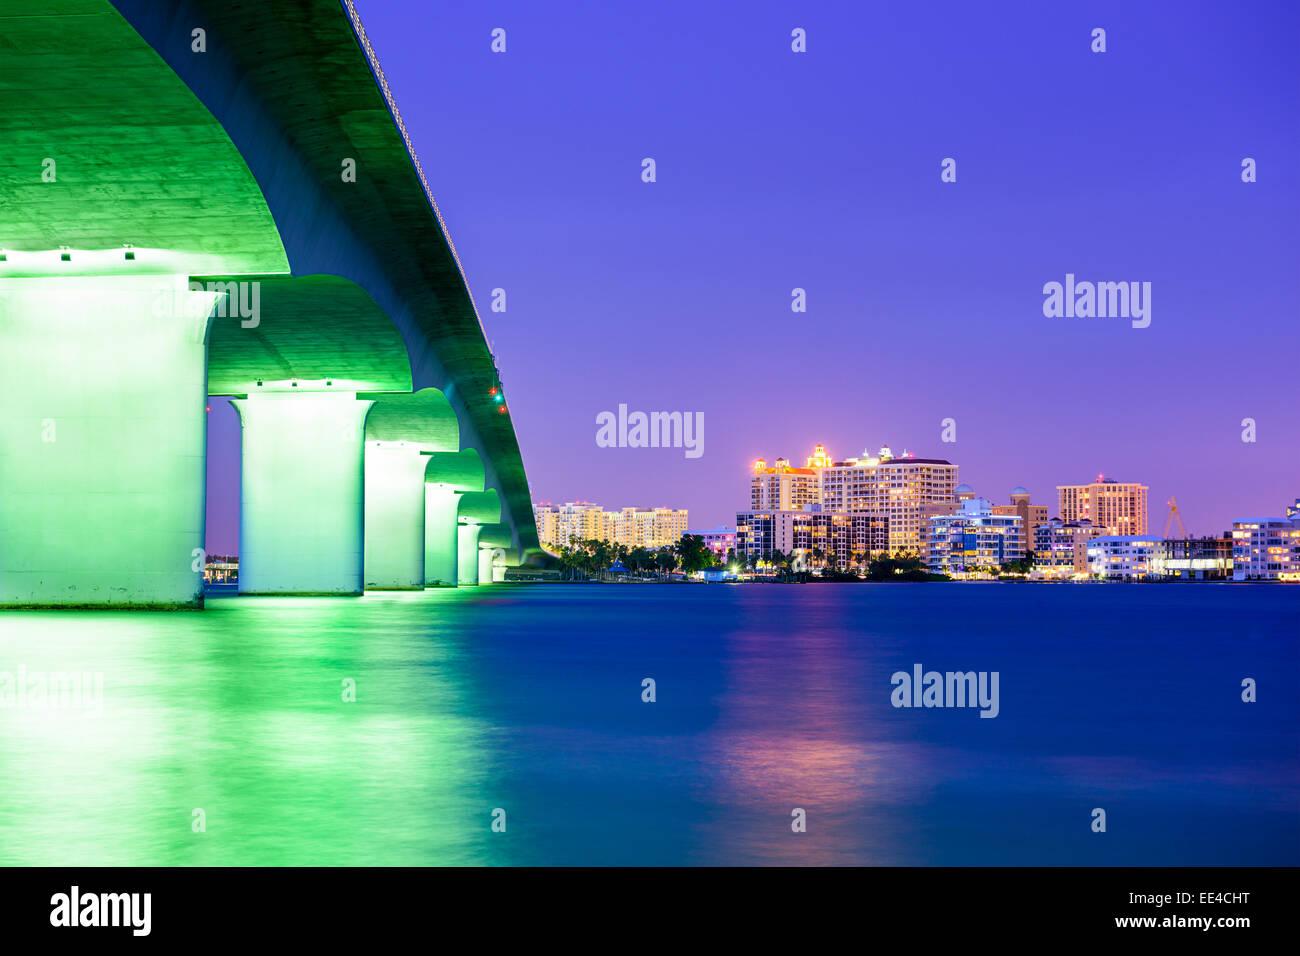 Die Innenstadt von Skyline von Sarasota, Florida, USA. Stockbild